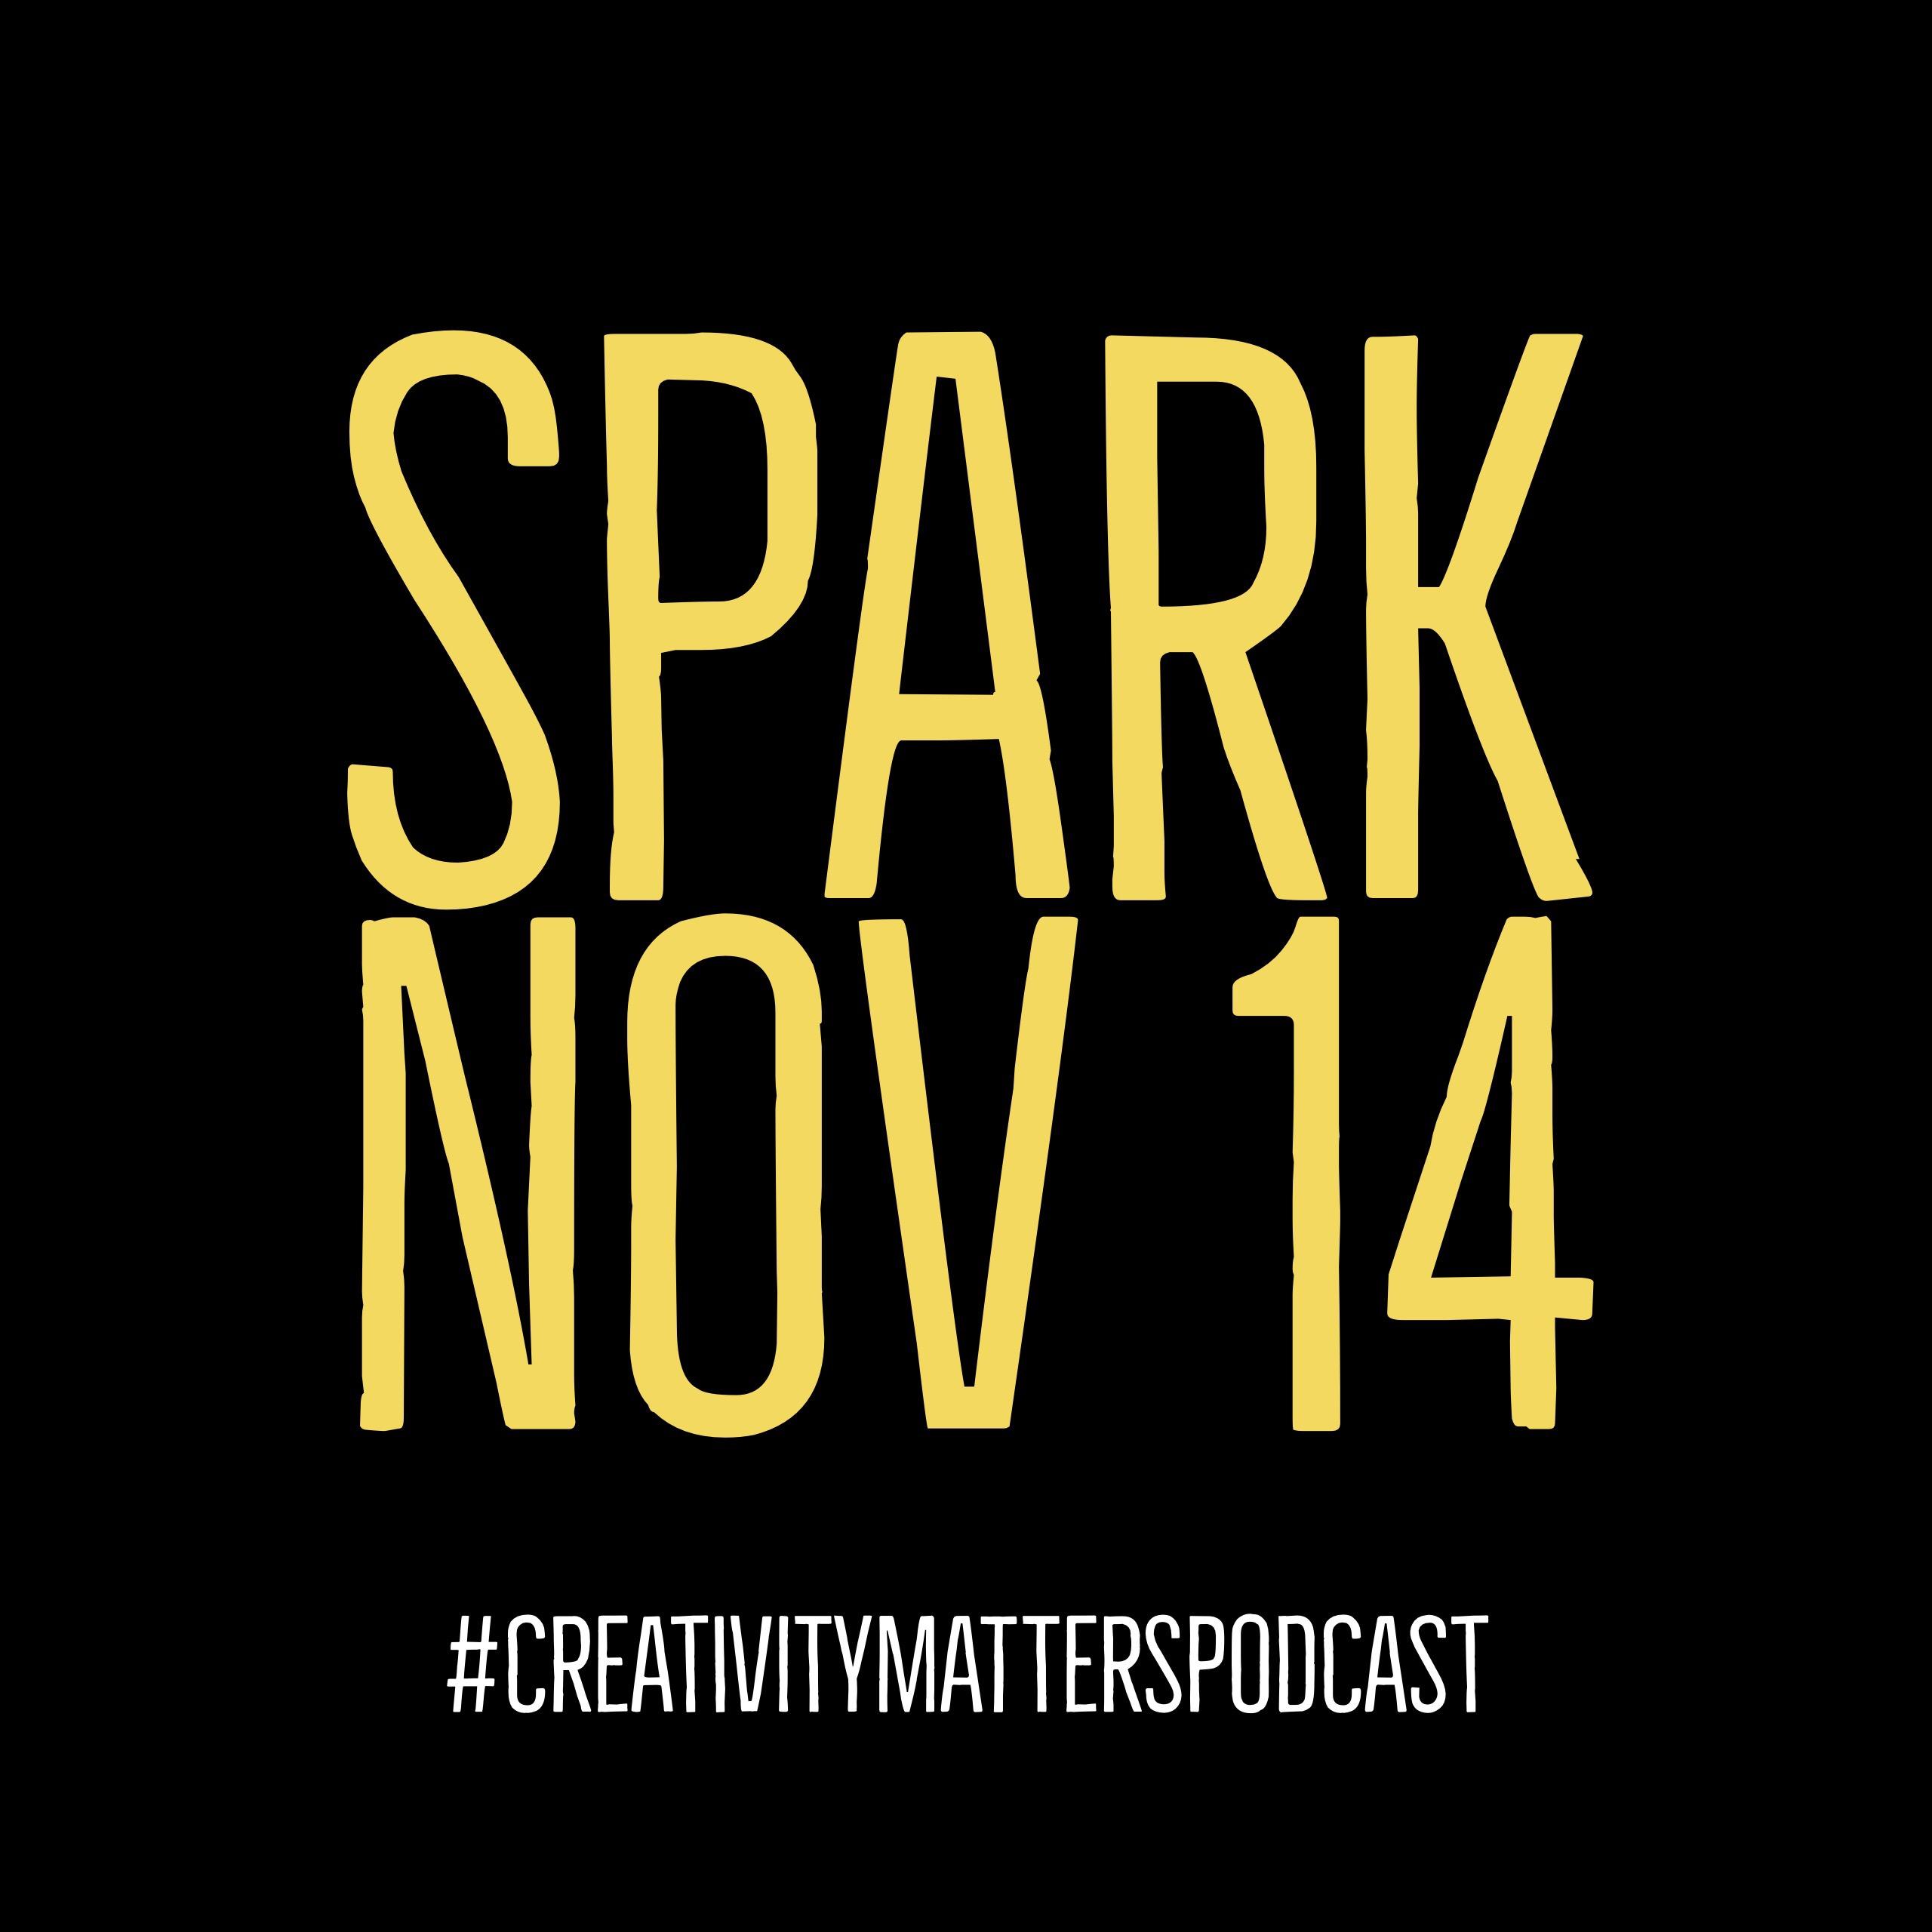 Spark Nov 14